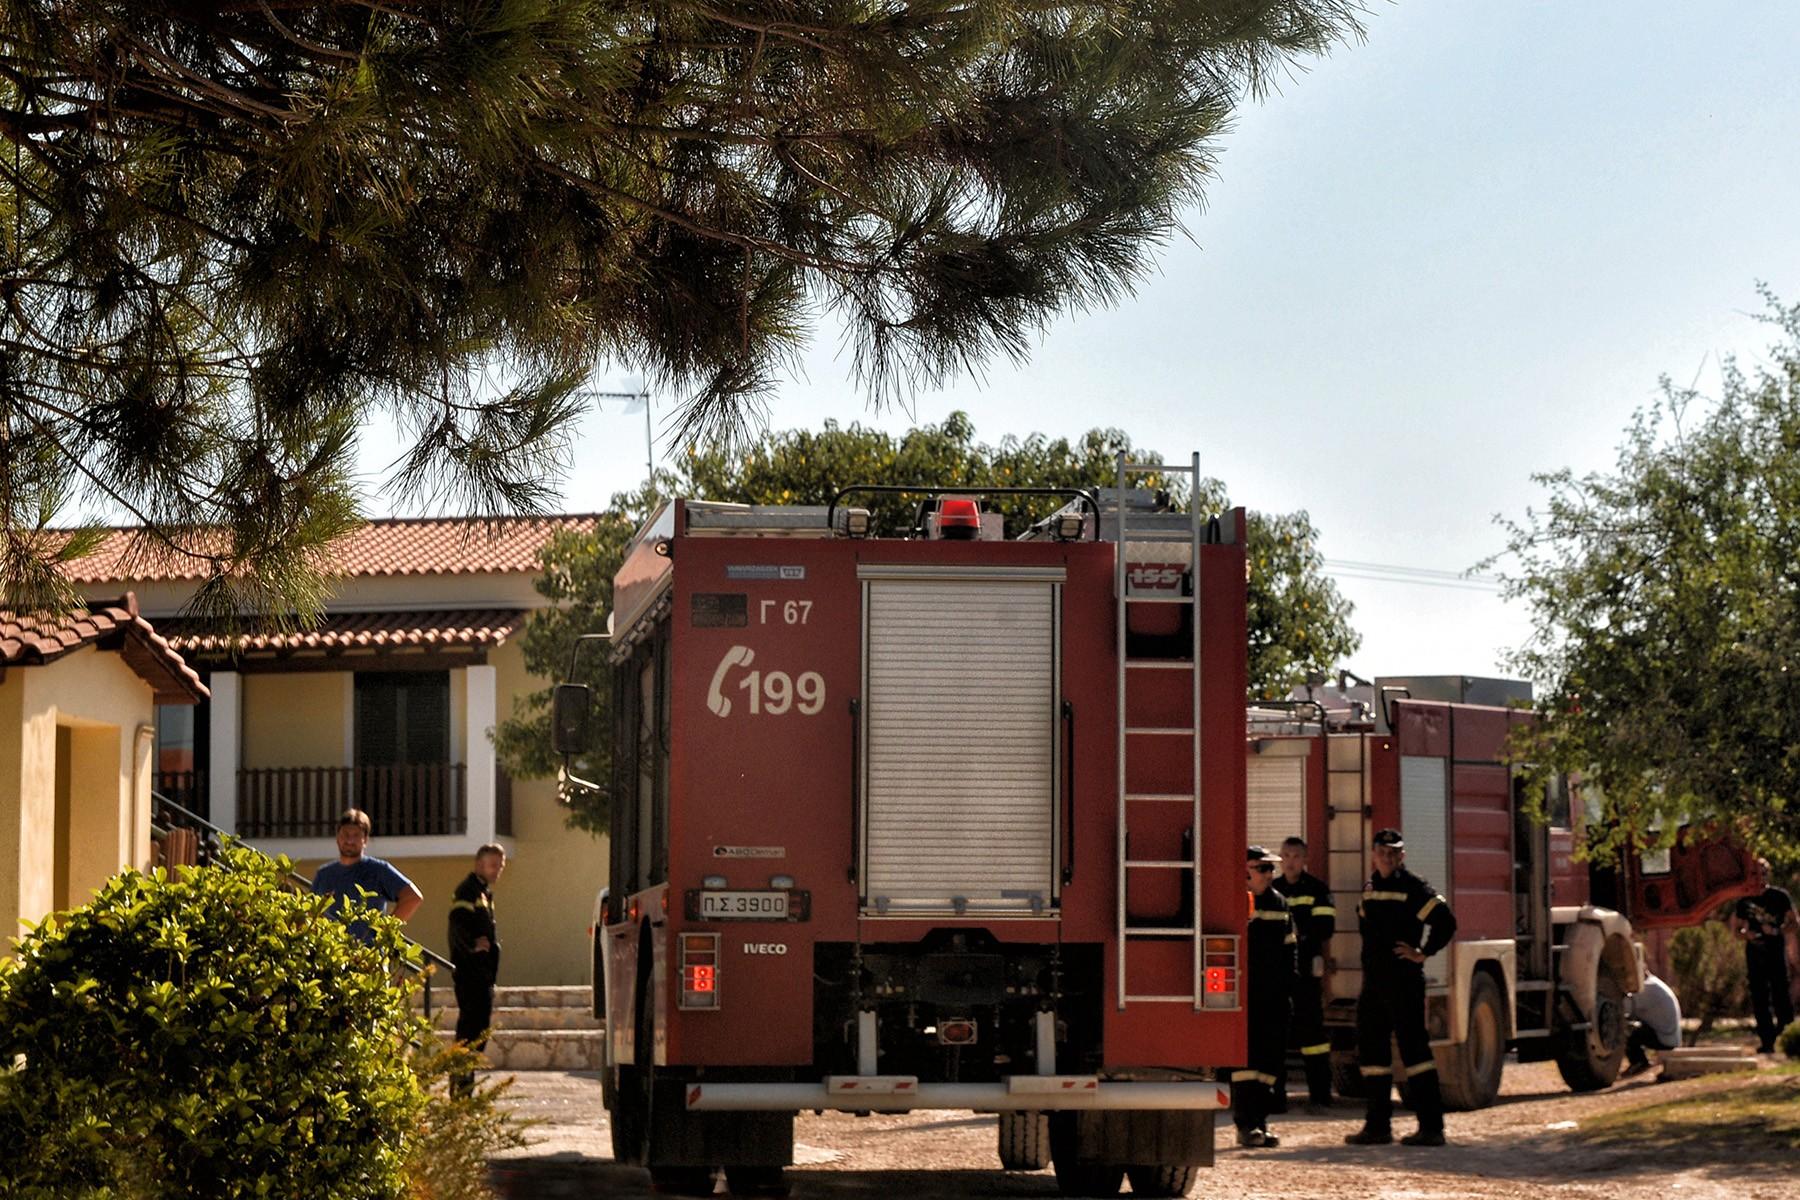 Πυρκαγιά σε κατοικία στη Μεσσήνη - Σωτήρια επέμβαση της Πυροσβεστικής για την διάσωση ηλικιωμένου